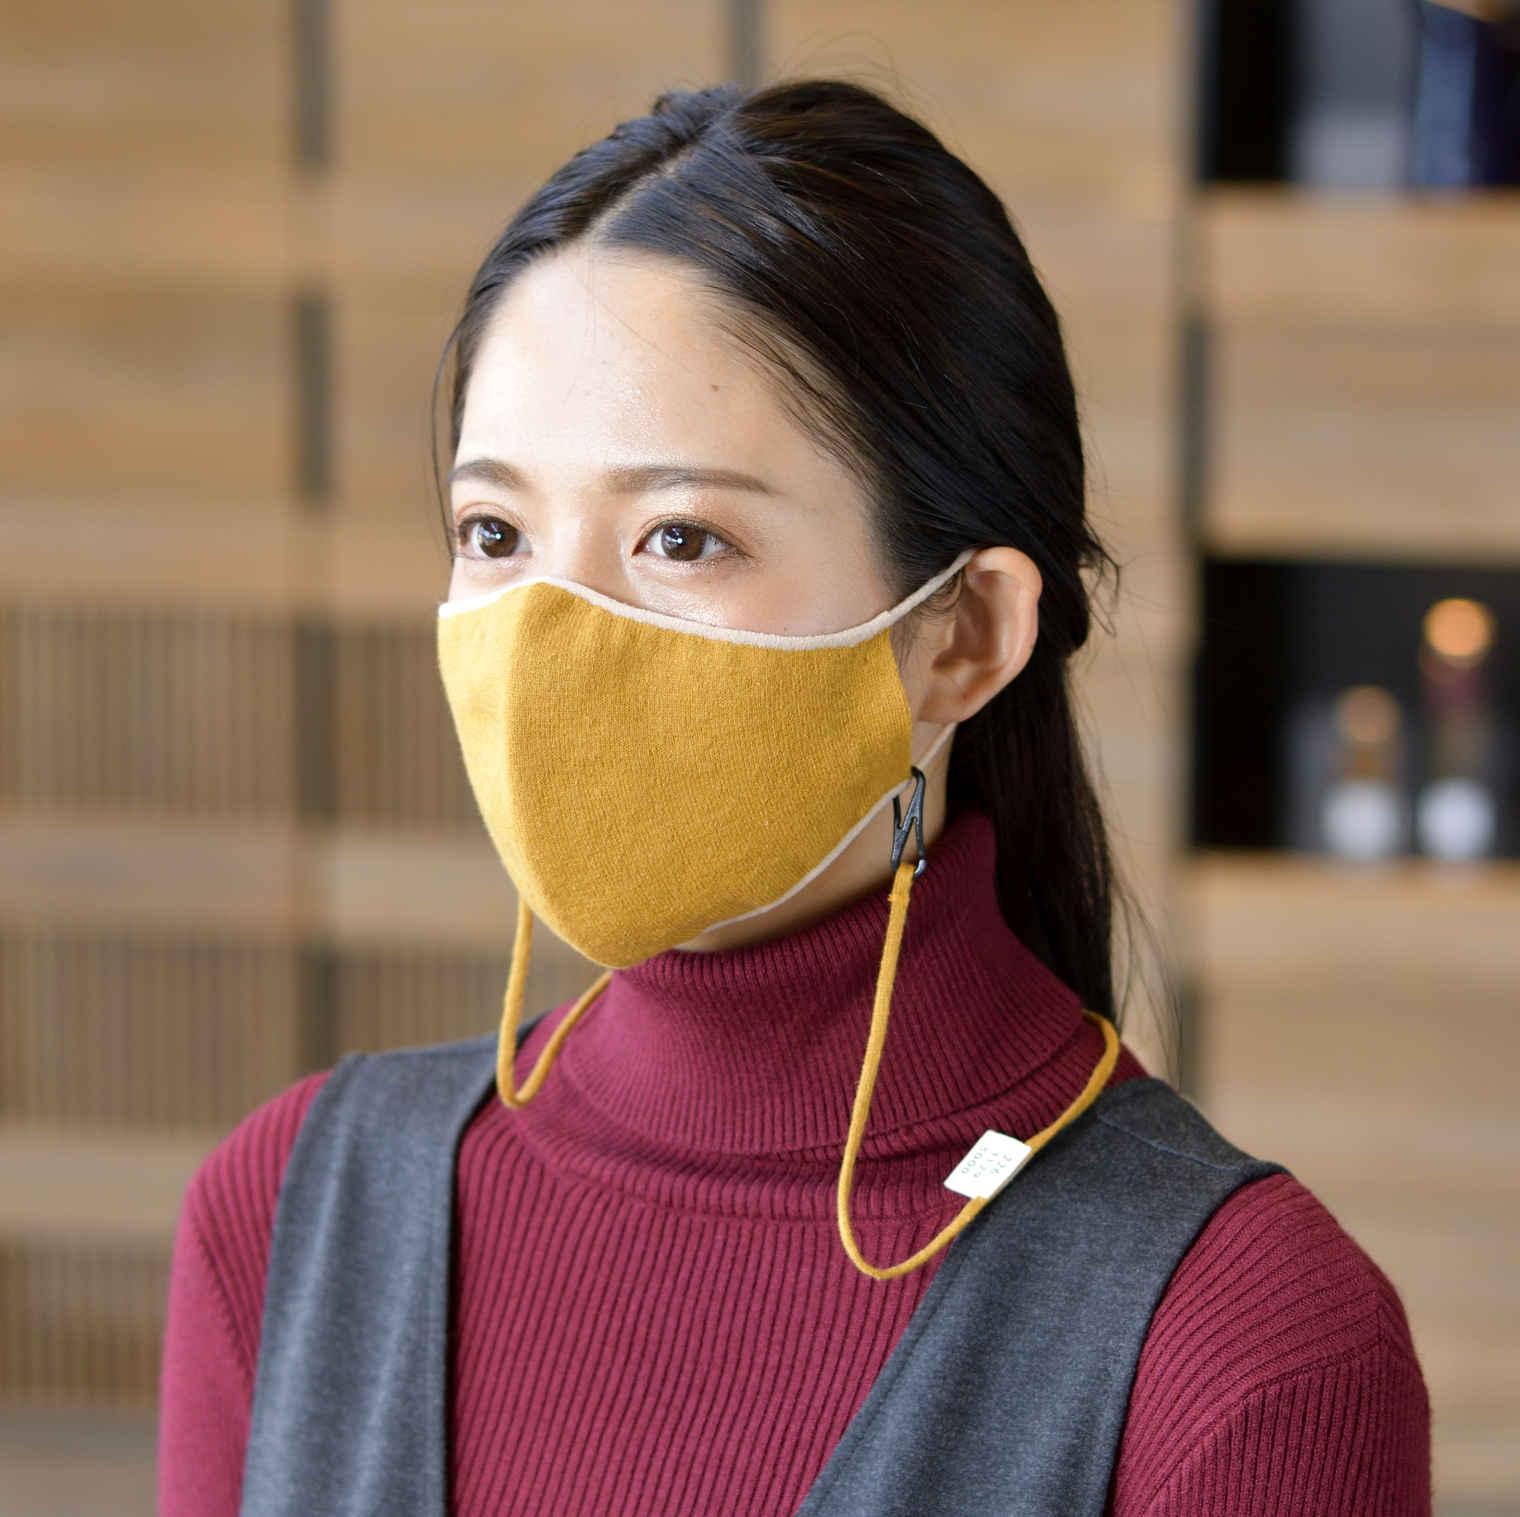 マスク かおをつつむ のびるニットマスク やわらか綿麻 リバーシブル